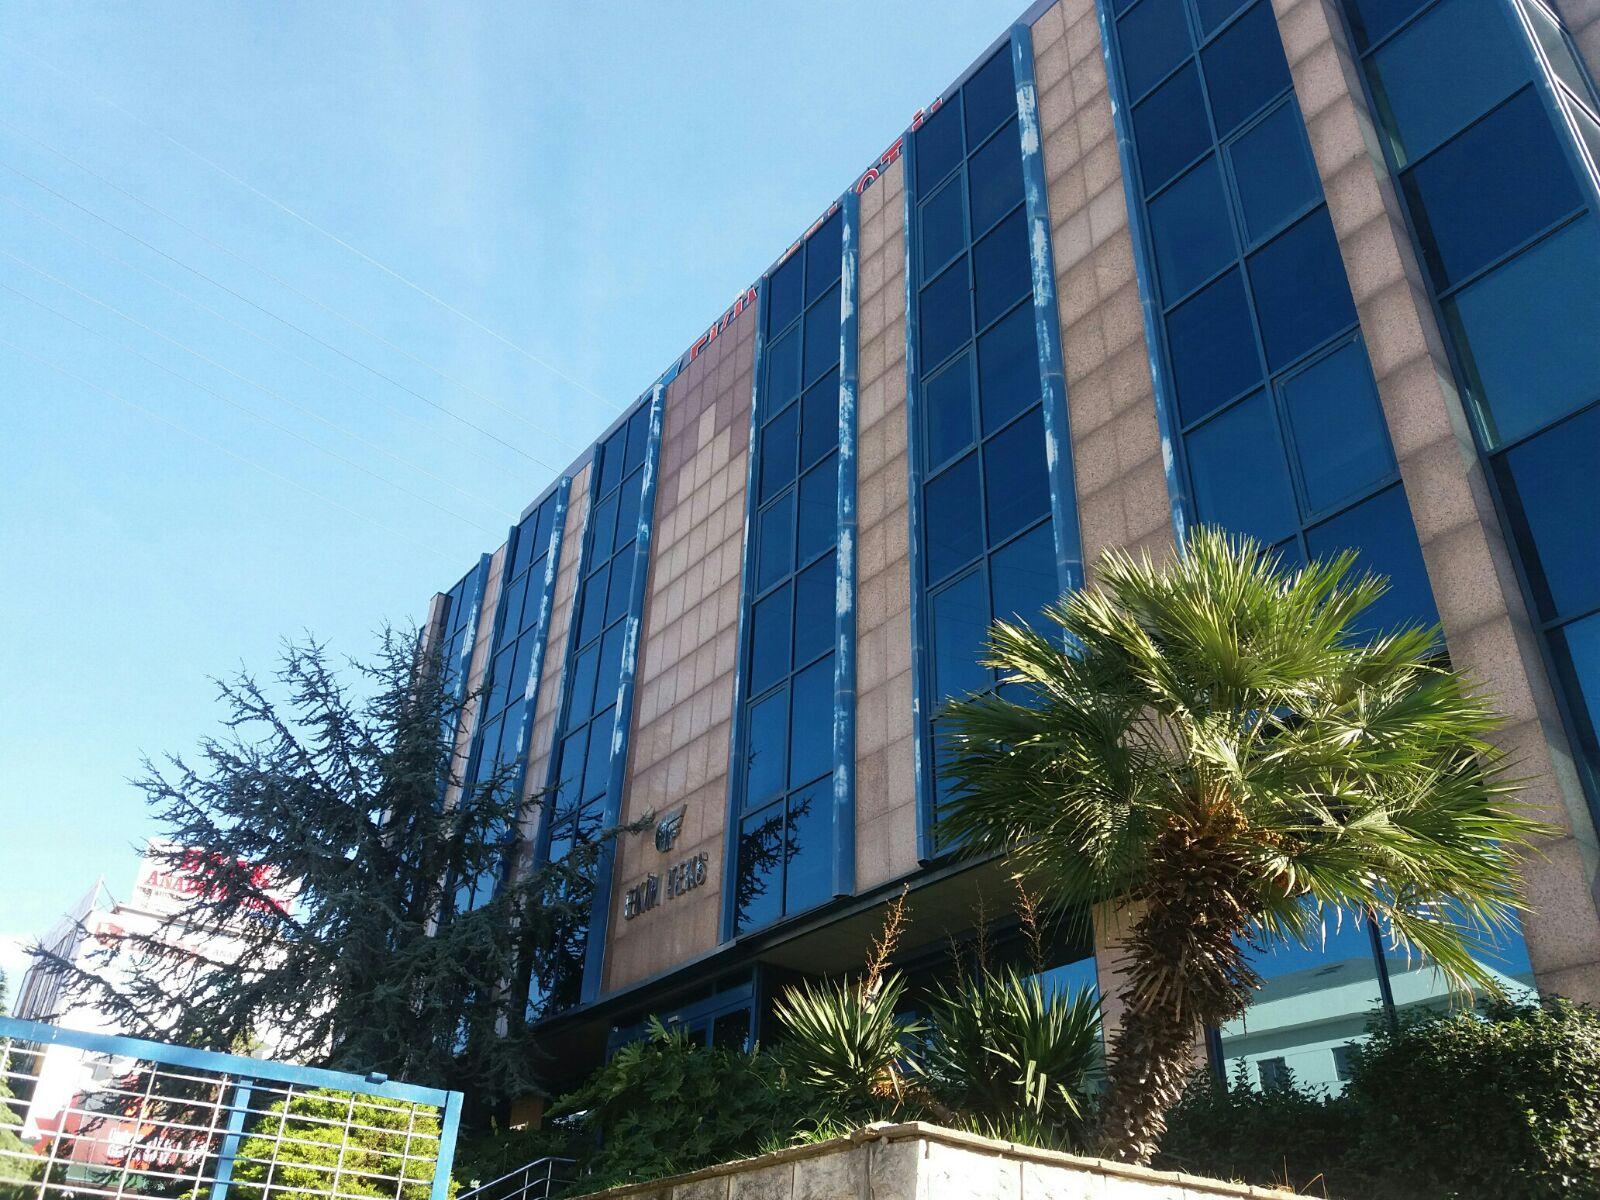 بناء كامل للبيع في اسينيورت